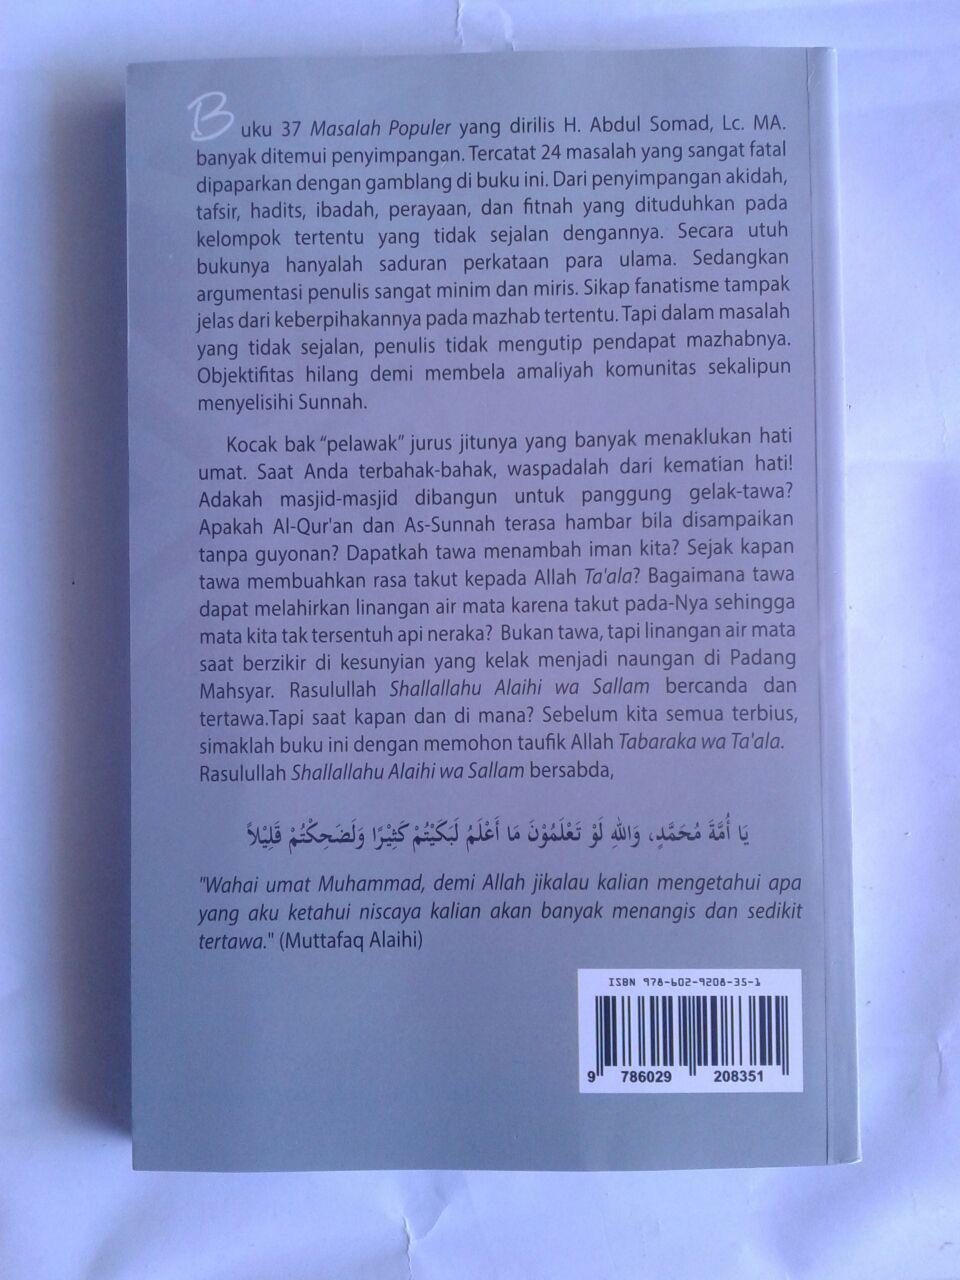 Buku Koreksi Tuntas Buku 37 Masalah Populer cover